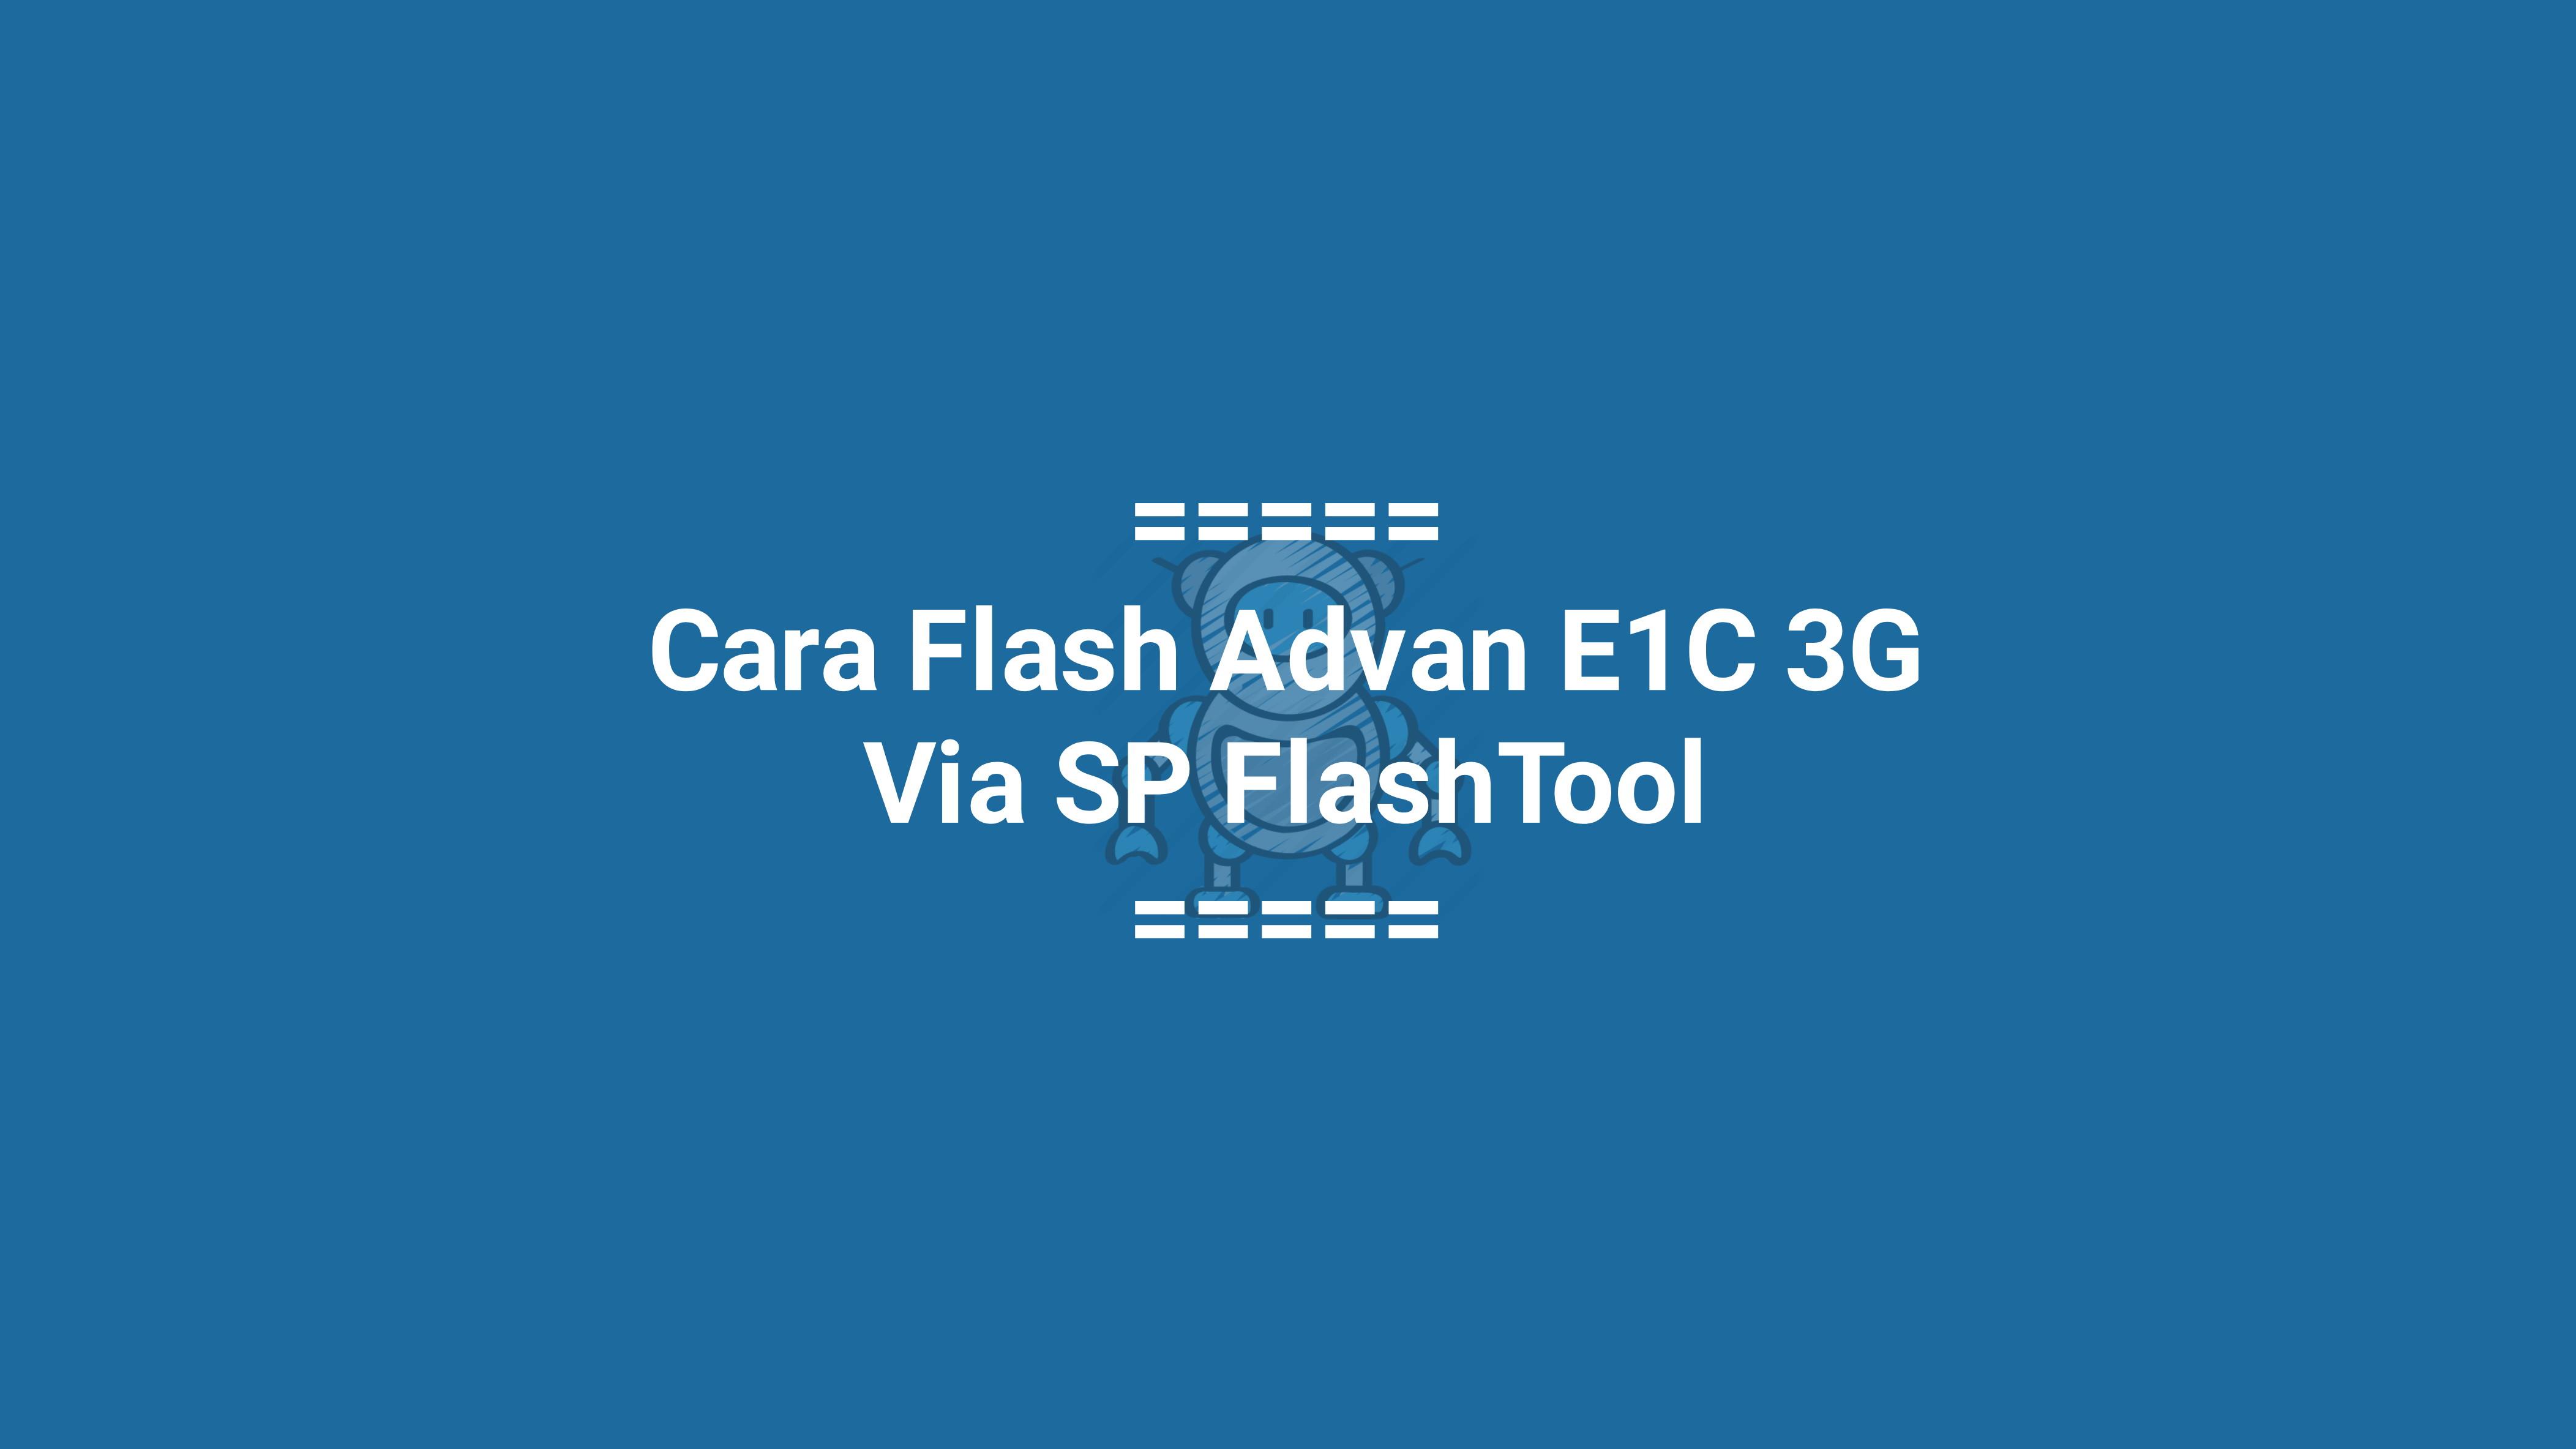 Cara Flash Advan E1C 3G S9719E